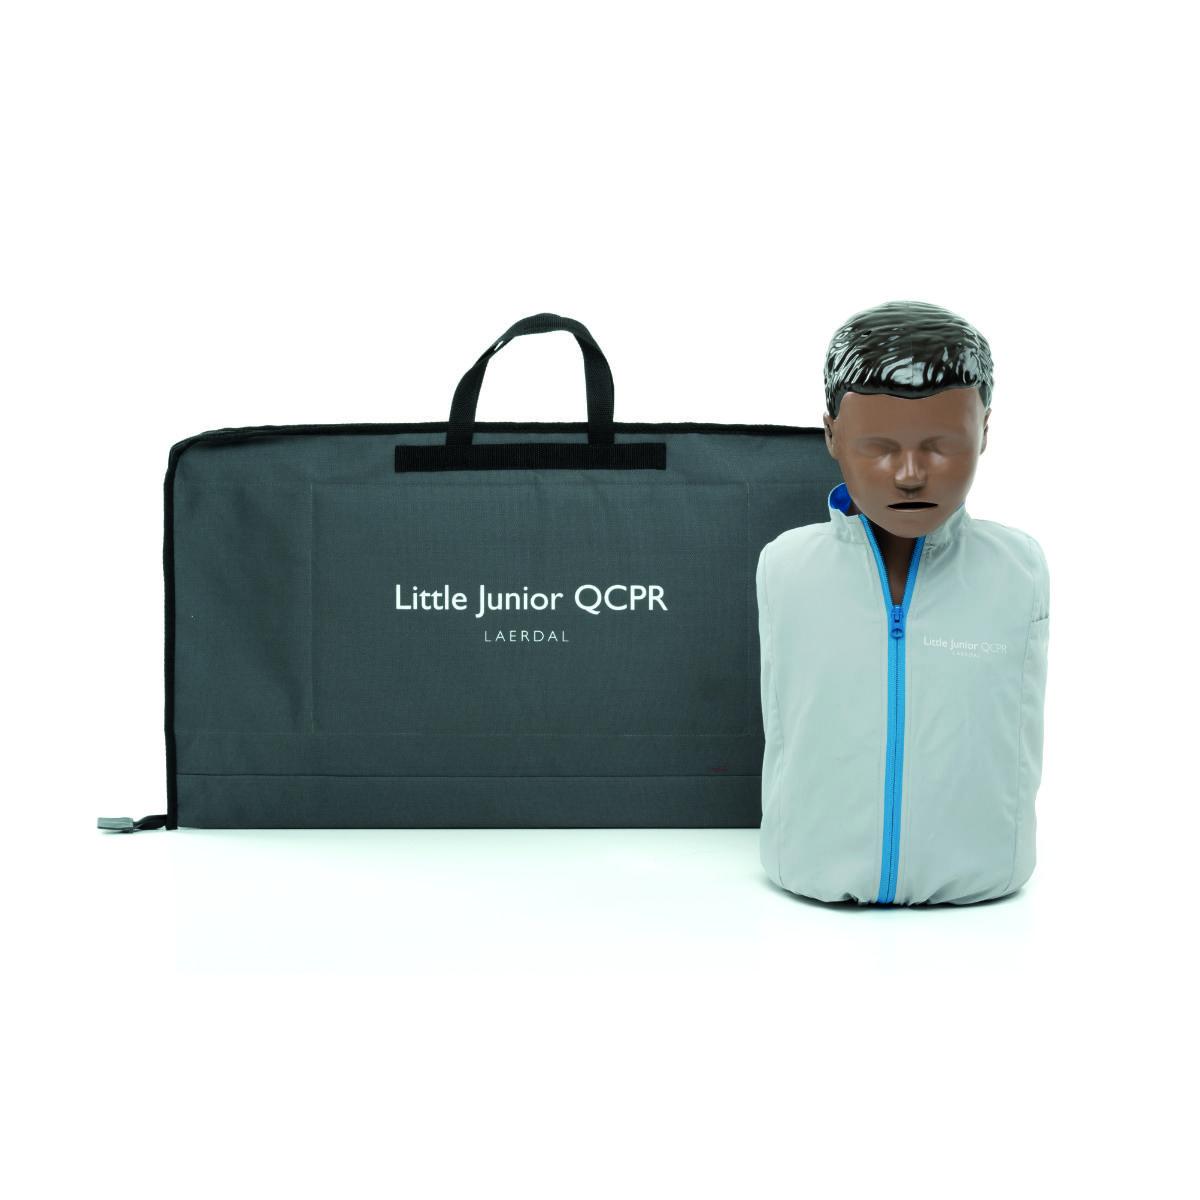 Little Junior QCPR, mörk hud